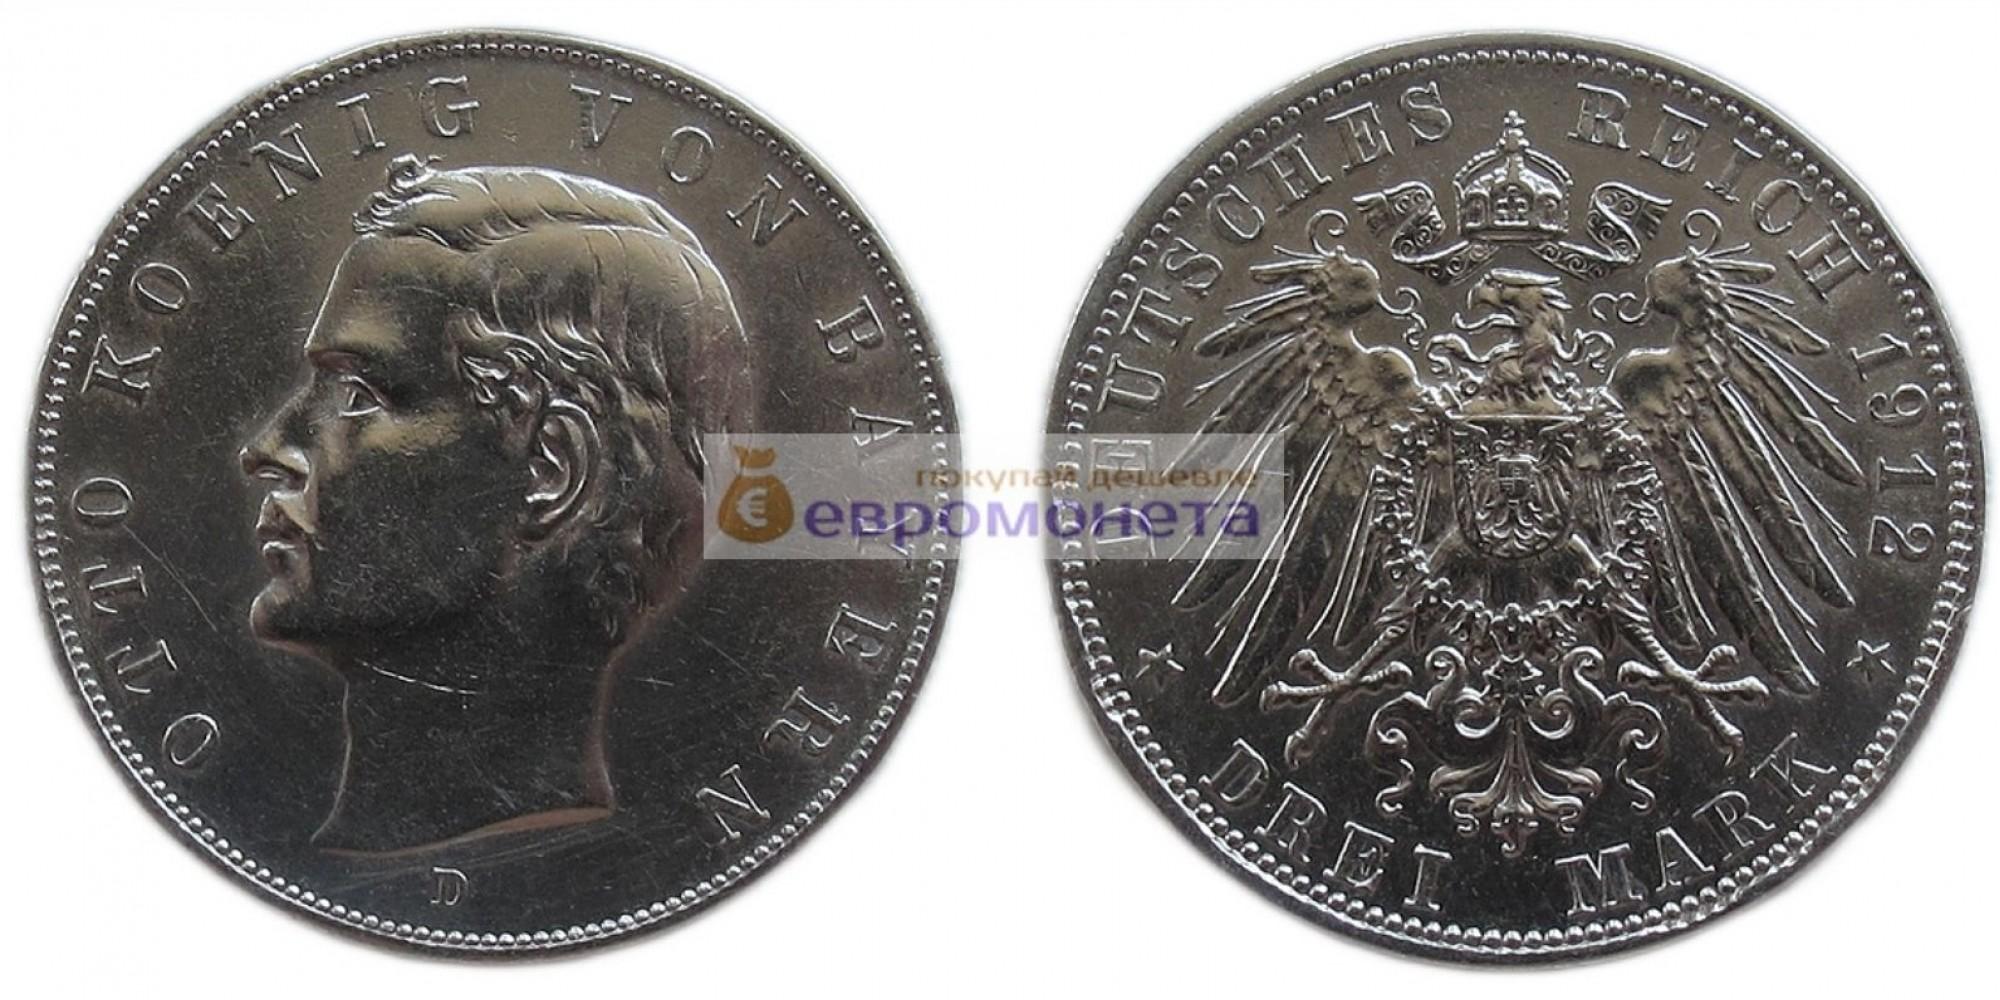 """Германская империя Бавария 3 марки 1912 год """"D"""" Отто. Серебро."""